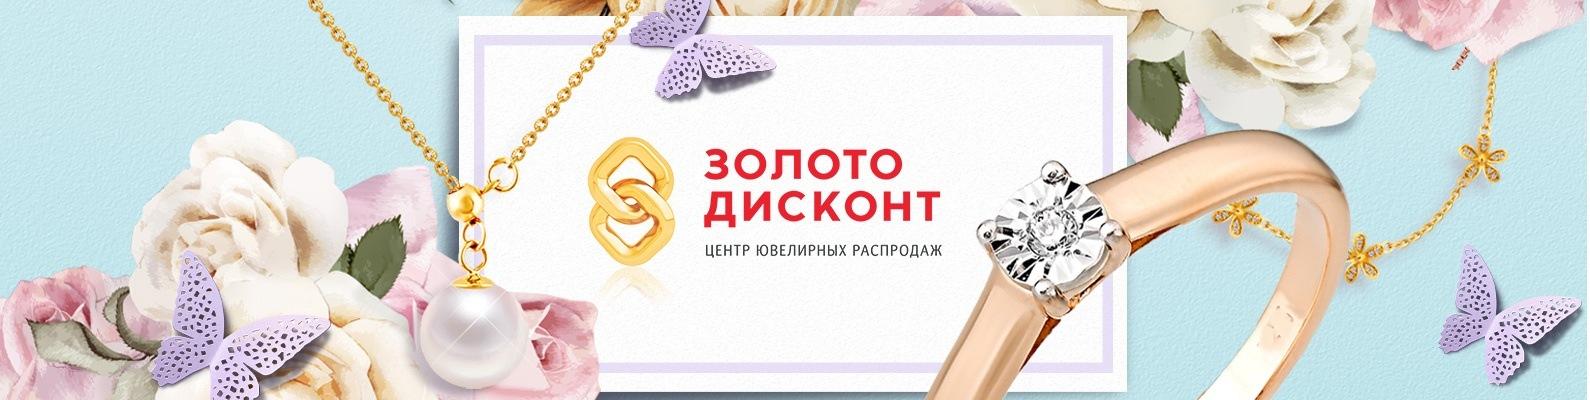 fae9a895 Золото Дисконт | Центры ювелирных распродаж | ВКонтакте